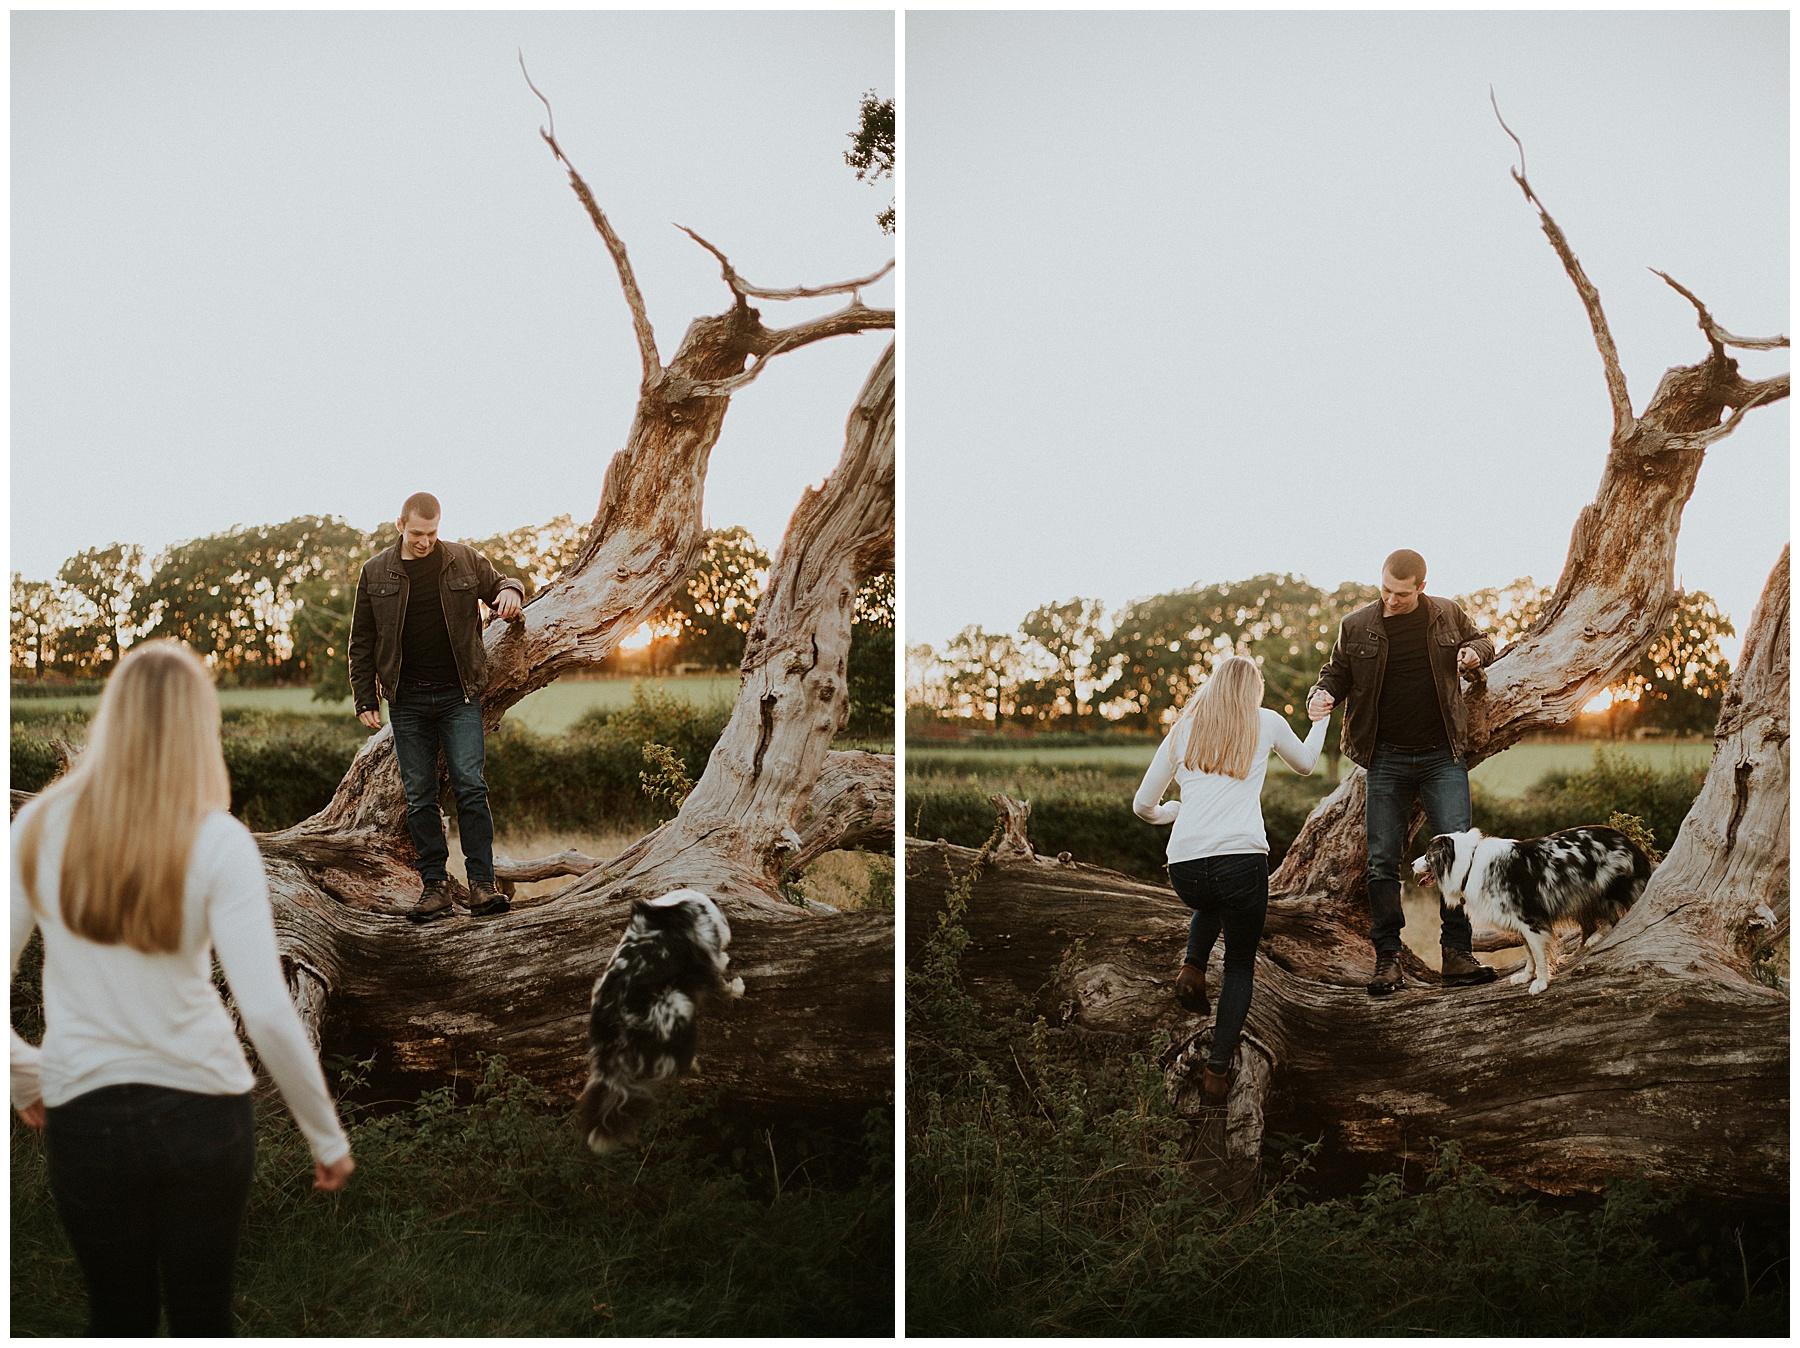 Claire & Matt Sunset Engagement Shoot-202.jpg